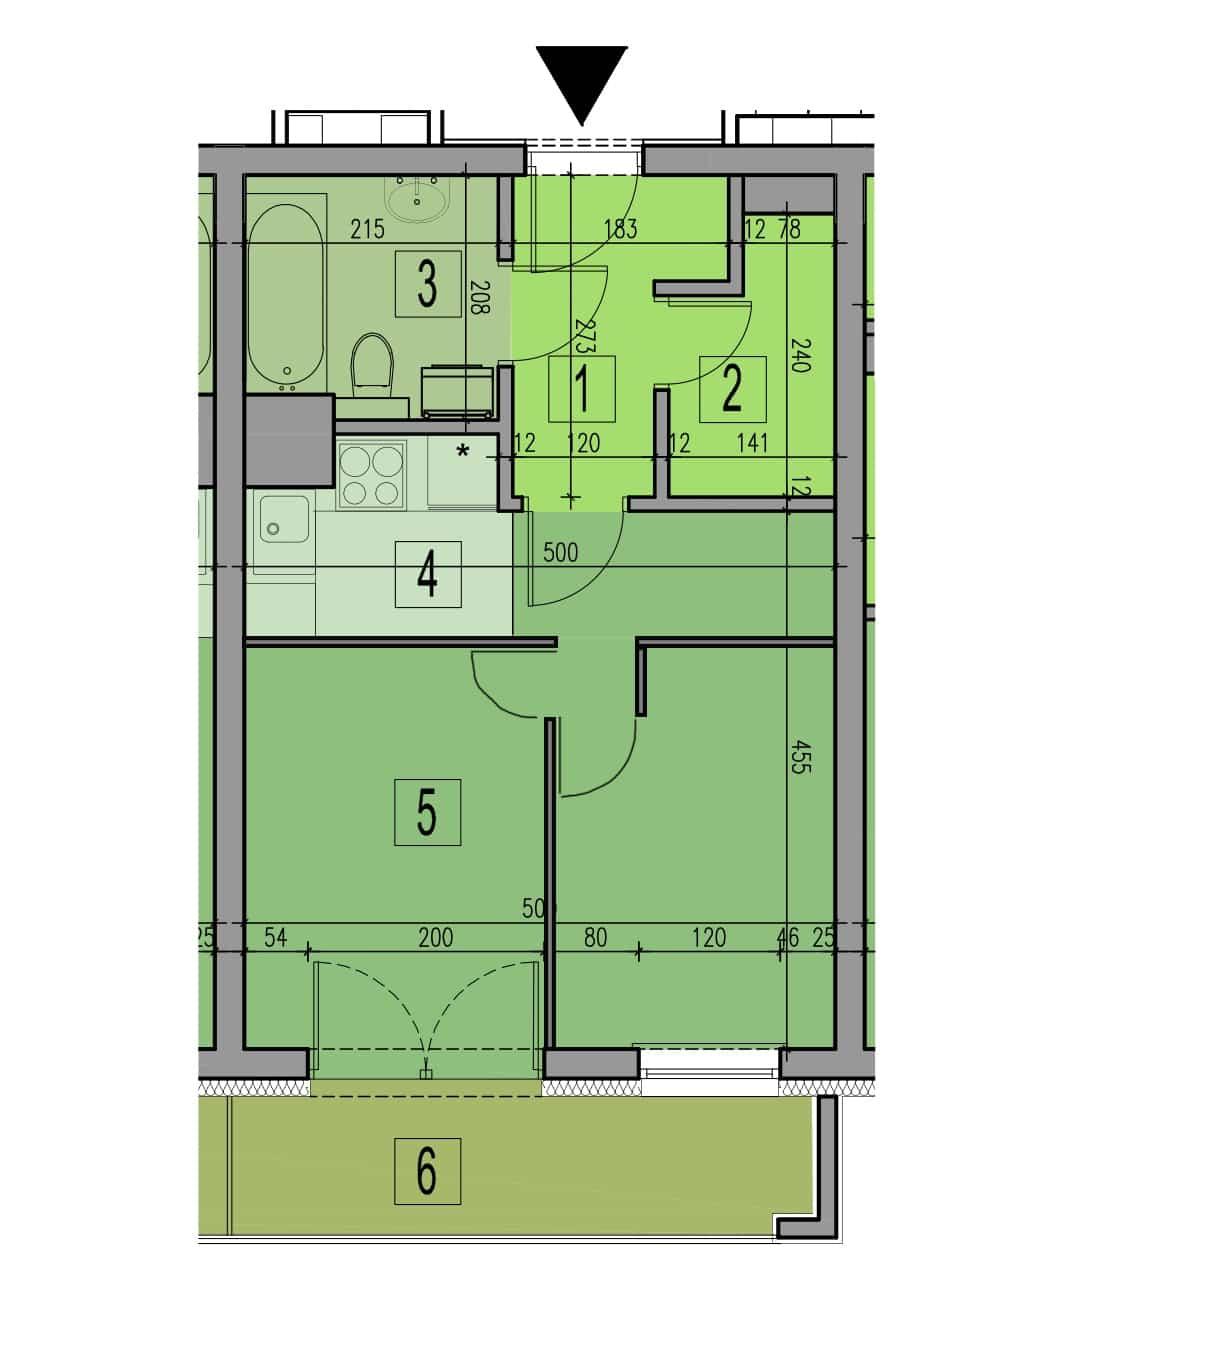 Plan mieszkania 2 pokoje na 35 metrach kwadratowych - wersja 1